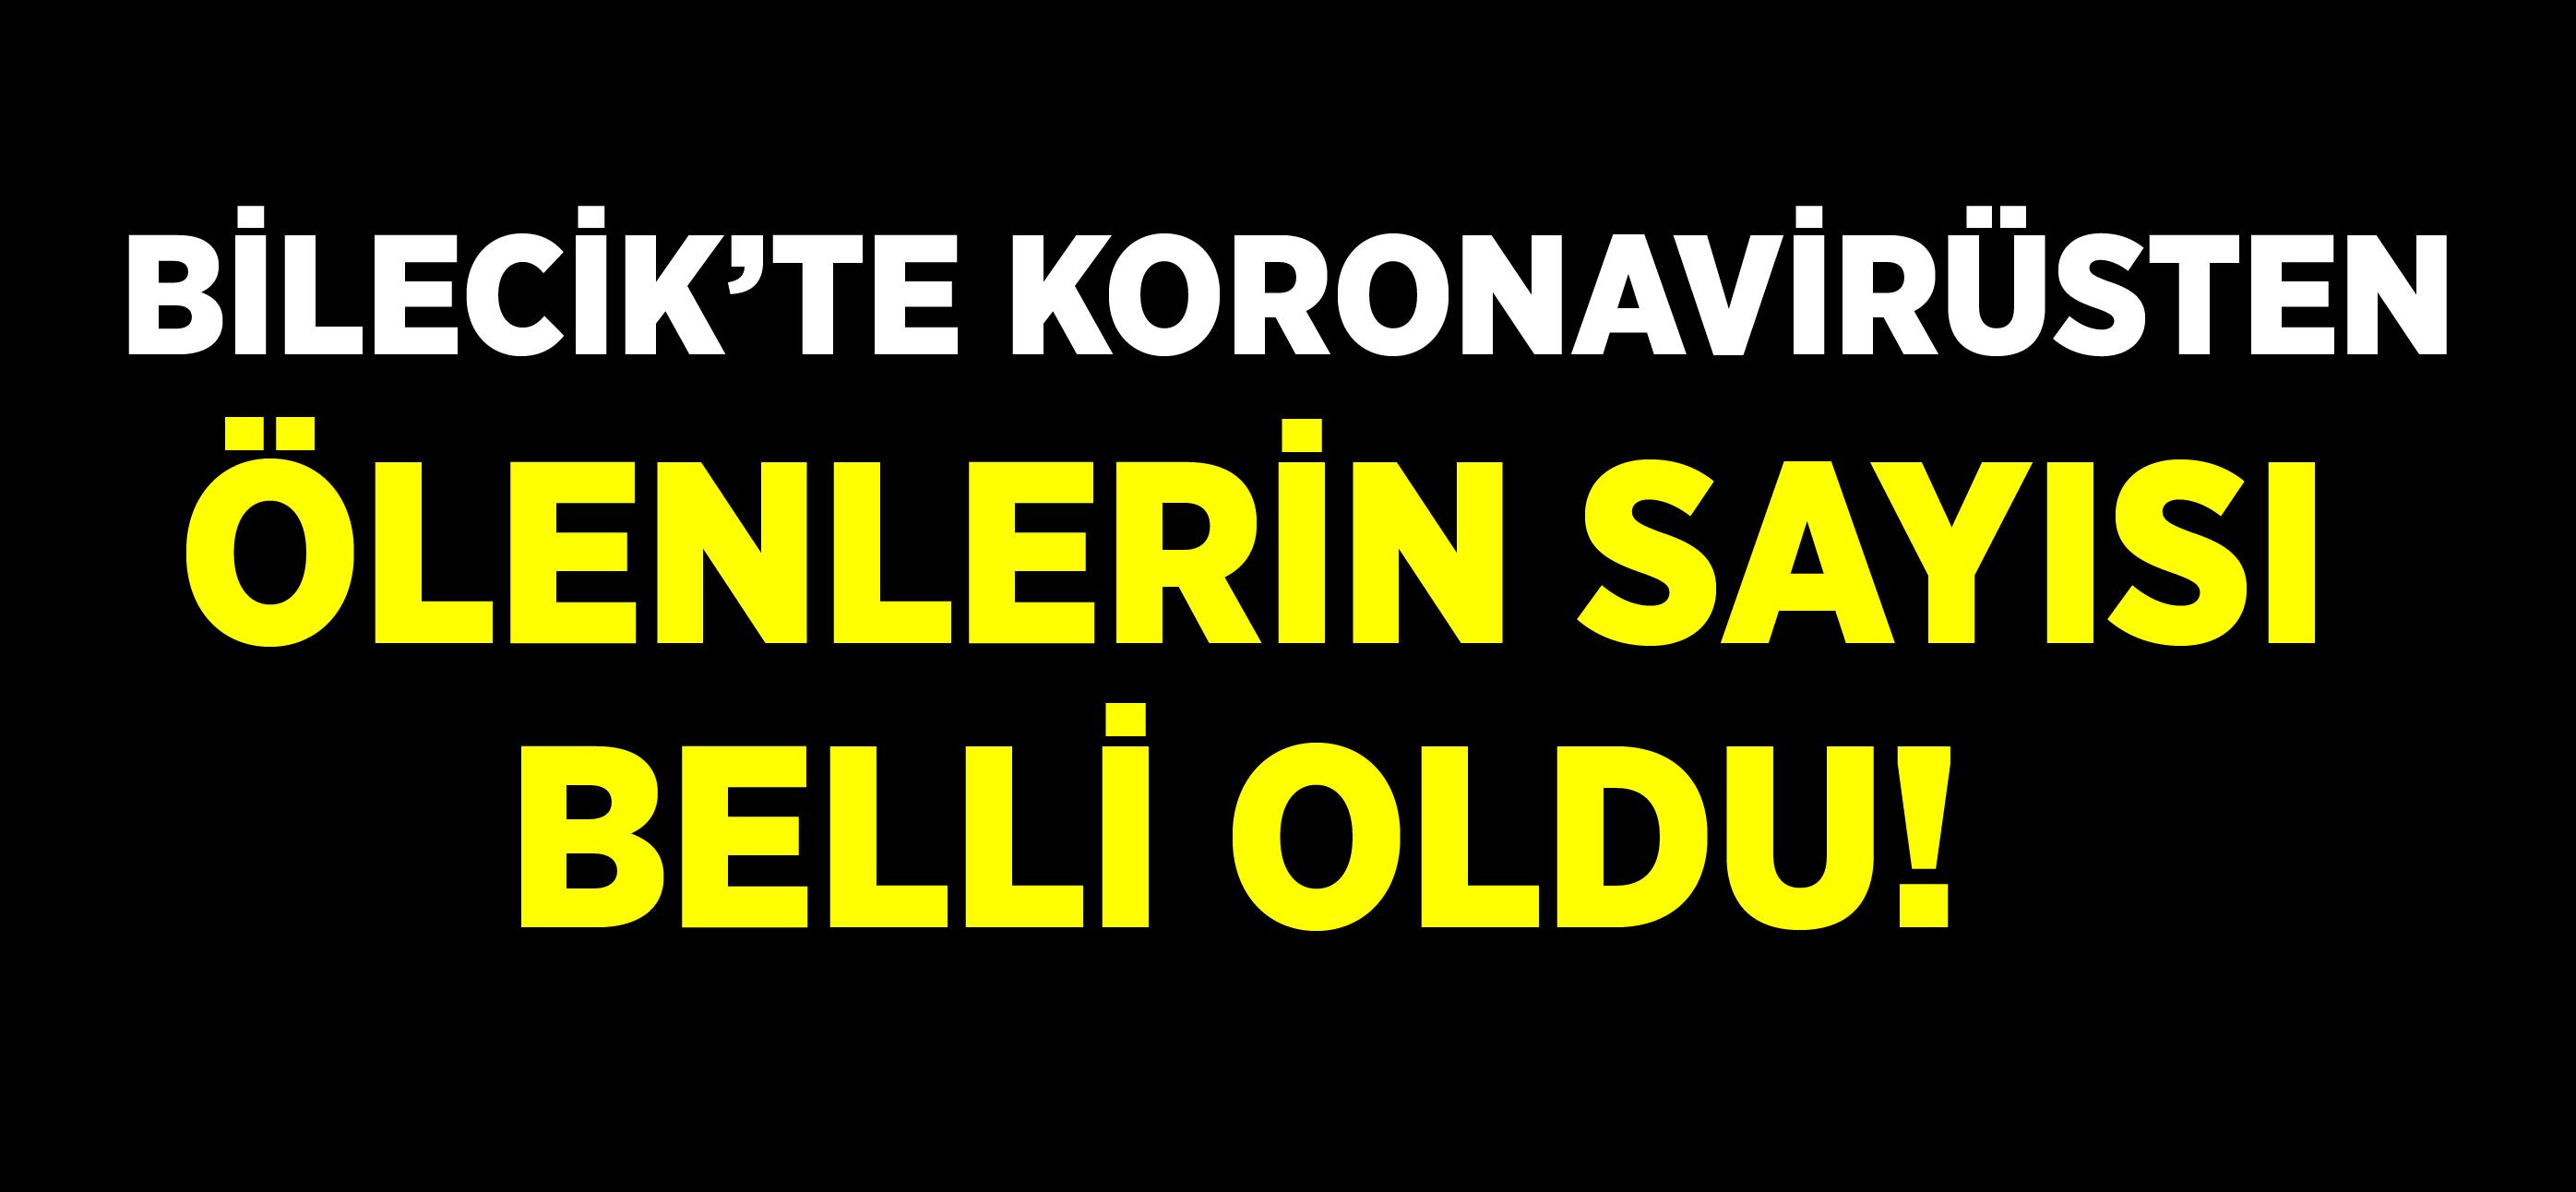 BİLECİK'TE KORONAVİRÜSTEN ÖLENLERİN SAYISI BELLİ OLDU!